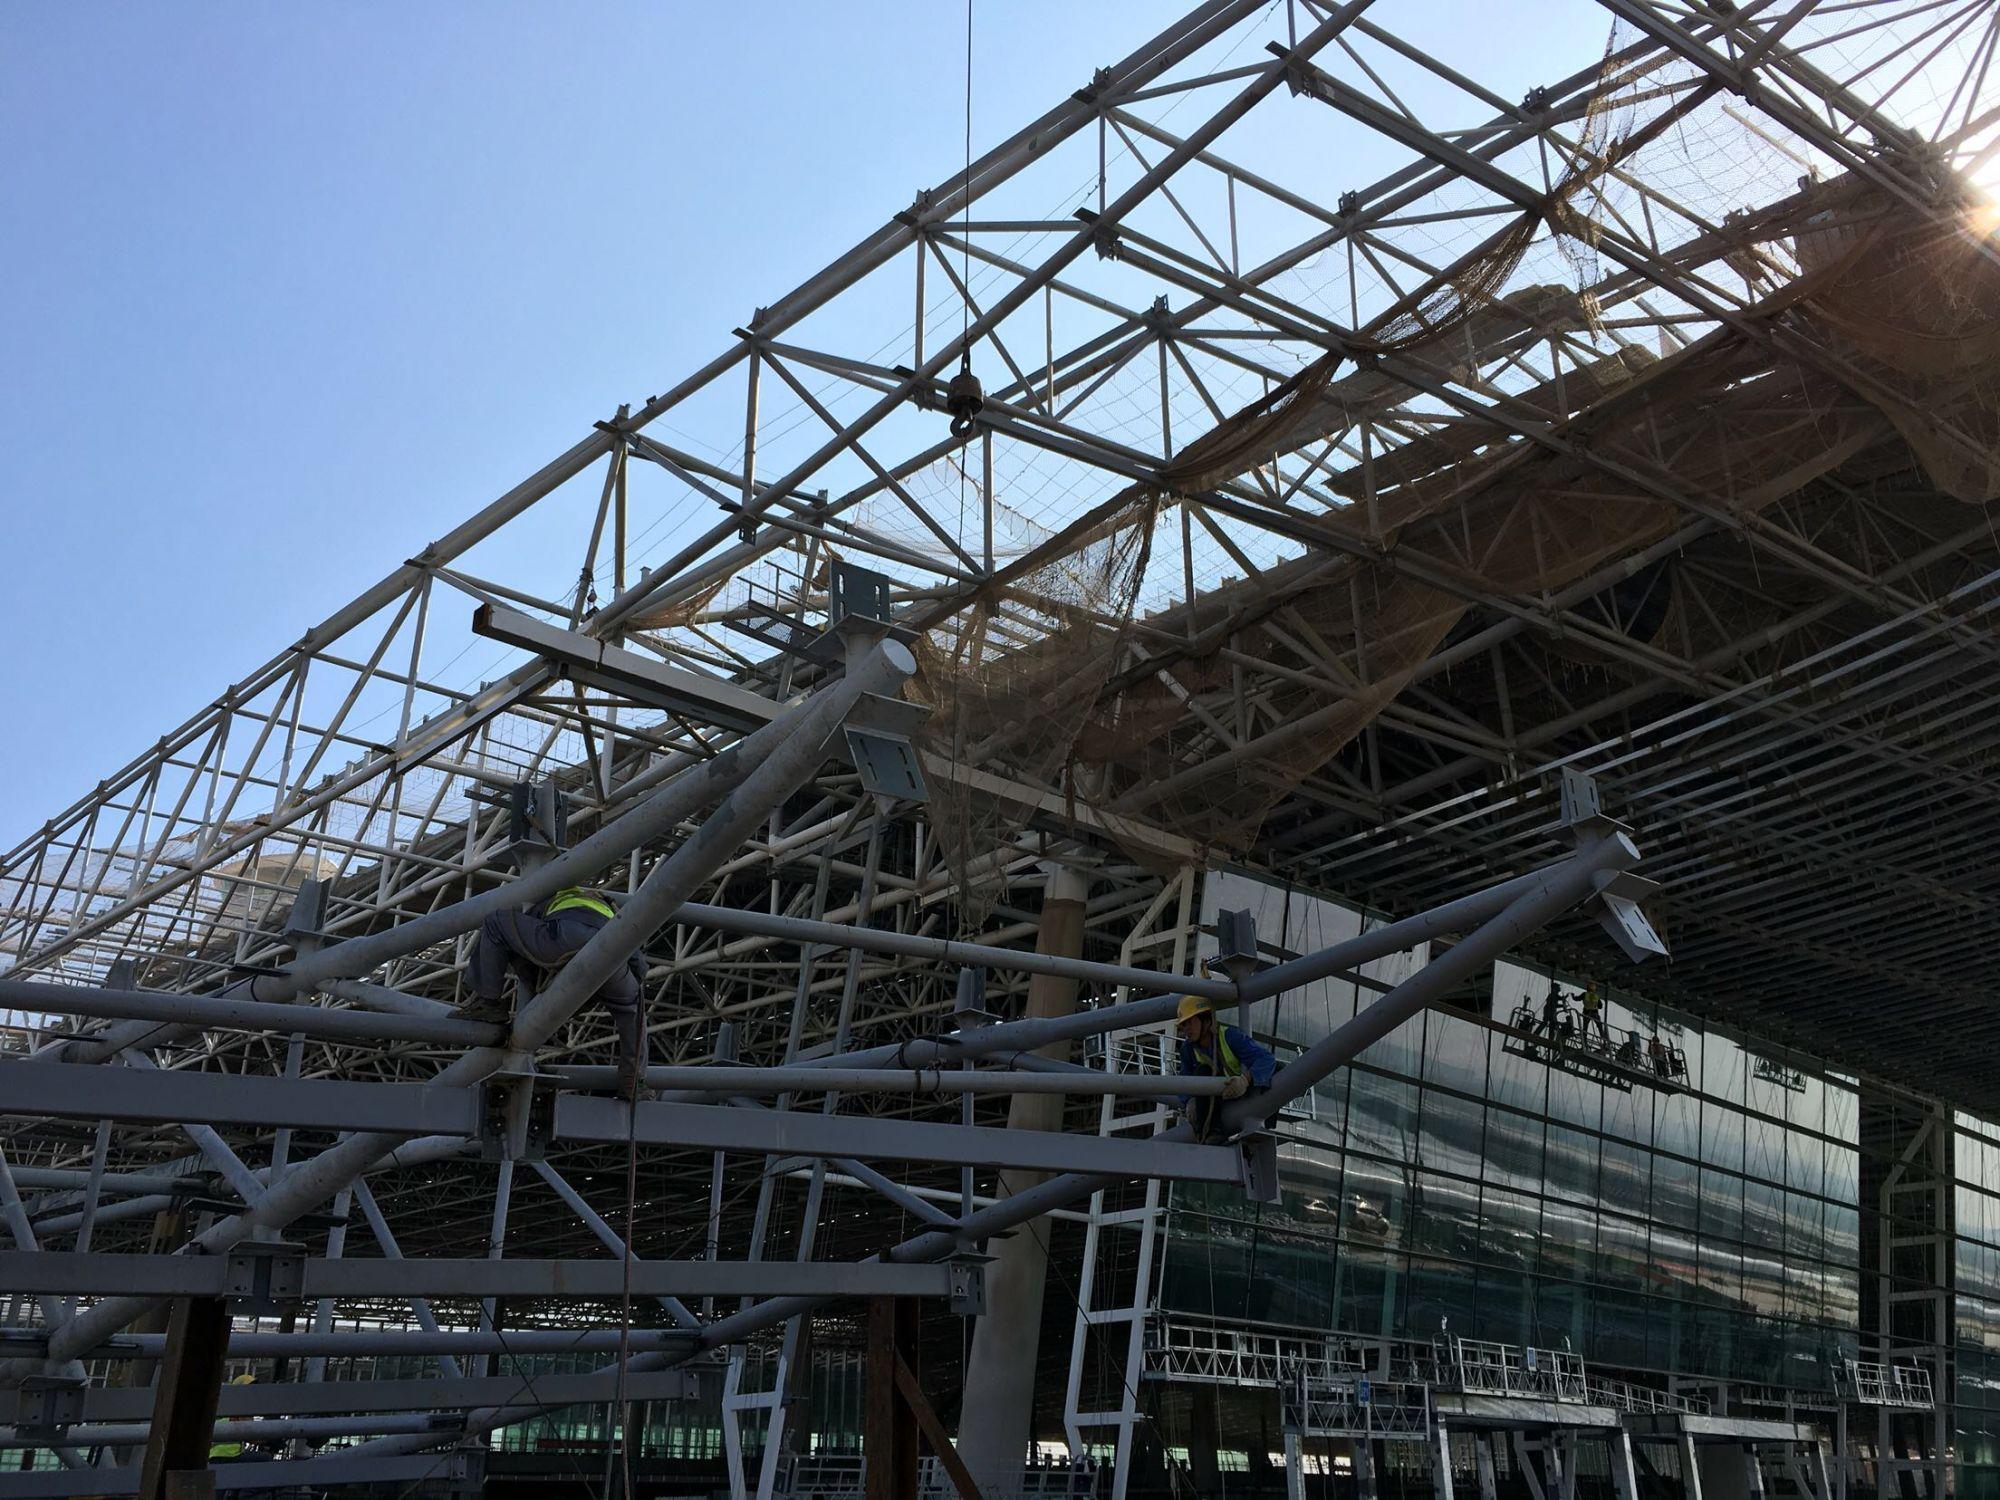 【独家·见微】天河机场t3航站楼主体结构基本完工